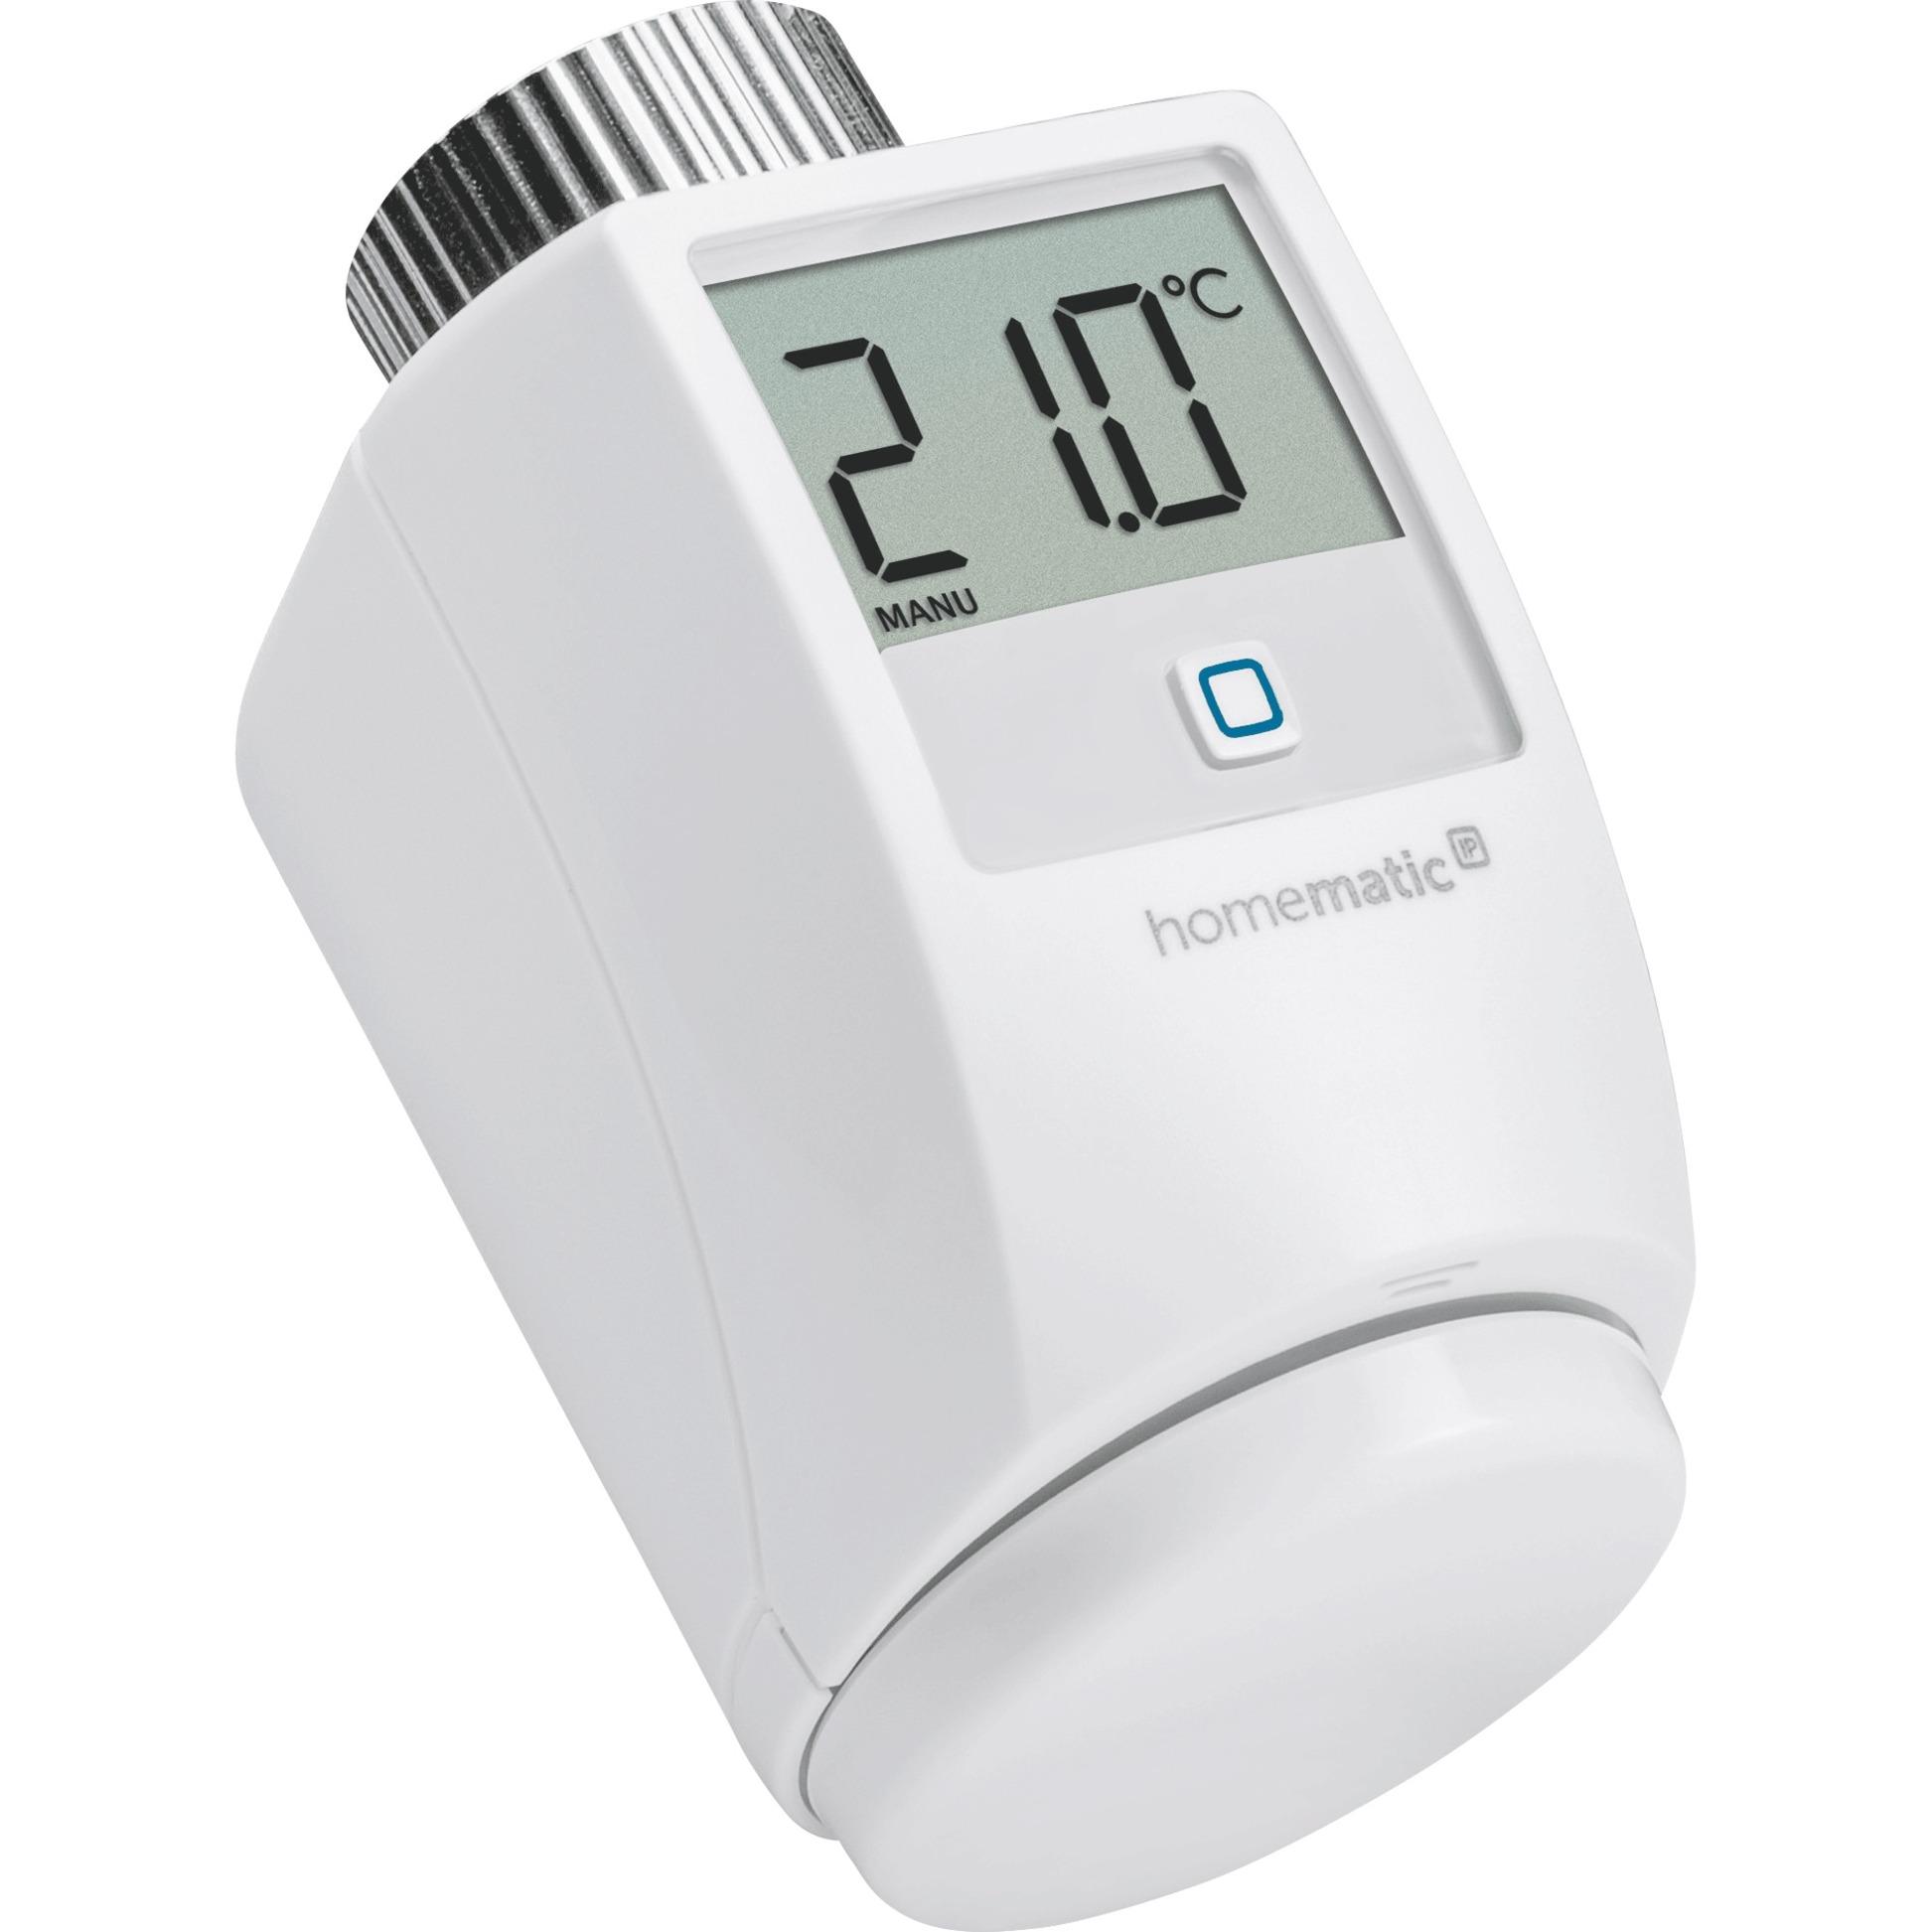 hmip-e-trv-hvid-termostat-varme-termostat